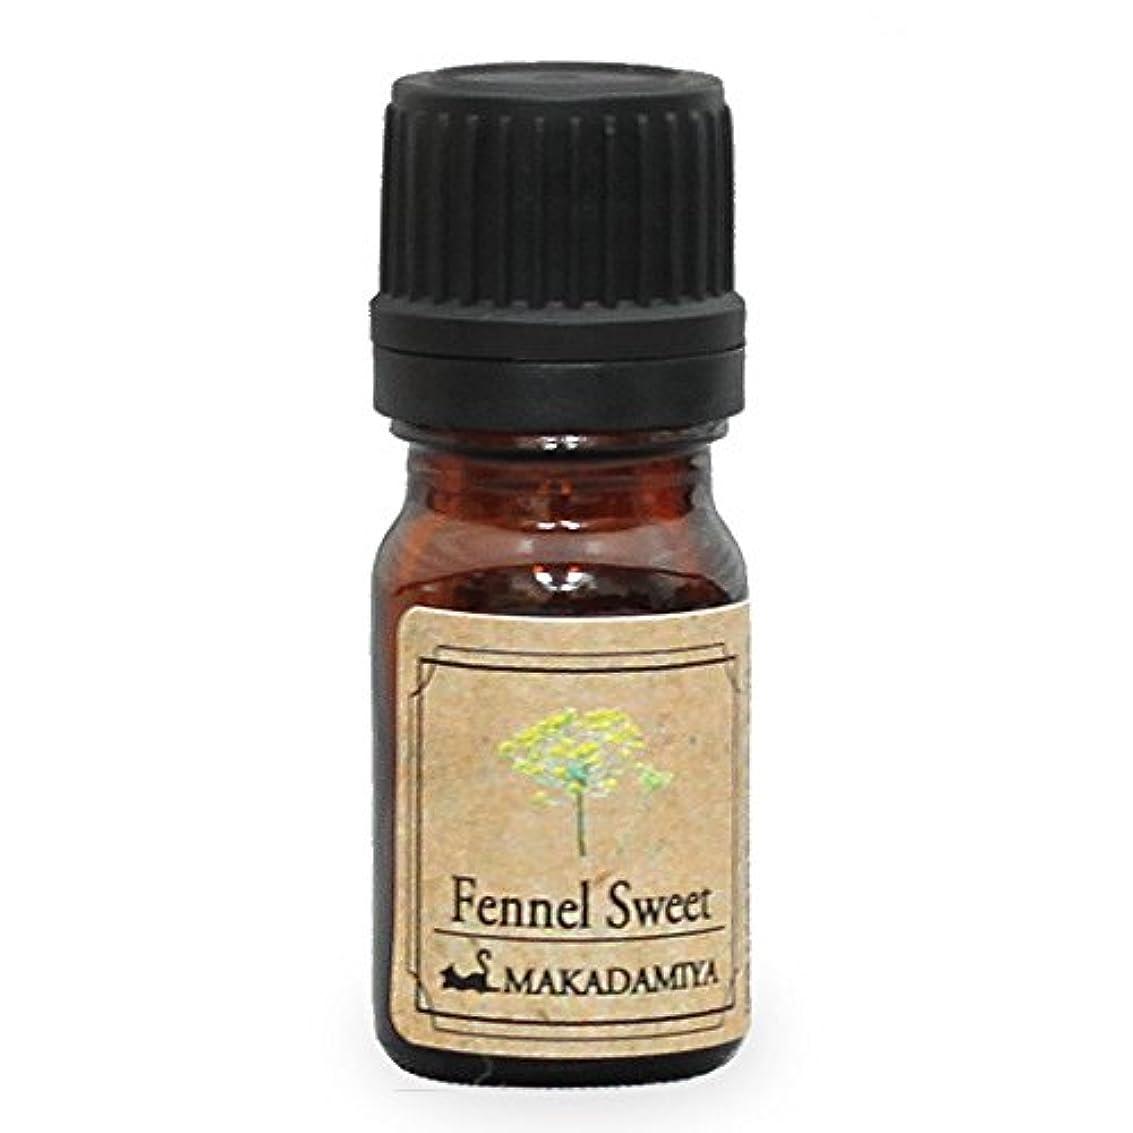 利得パッチ虎フェンネルスウィート5ml天然100%植物性エッセンシャルオイル(精油)アロマオイルアロママッサージアロマテラピーaroma Fennel Sweet